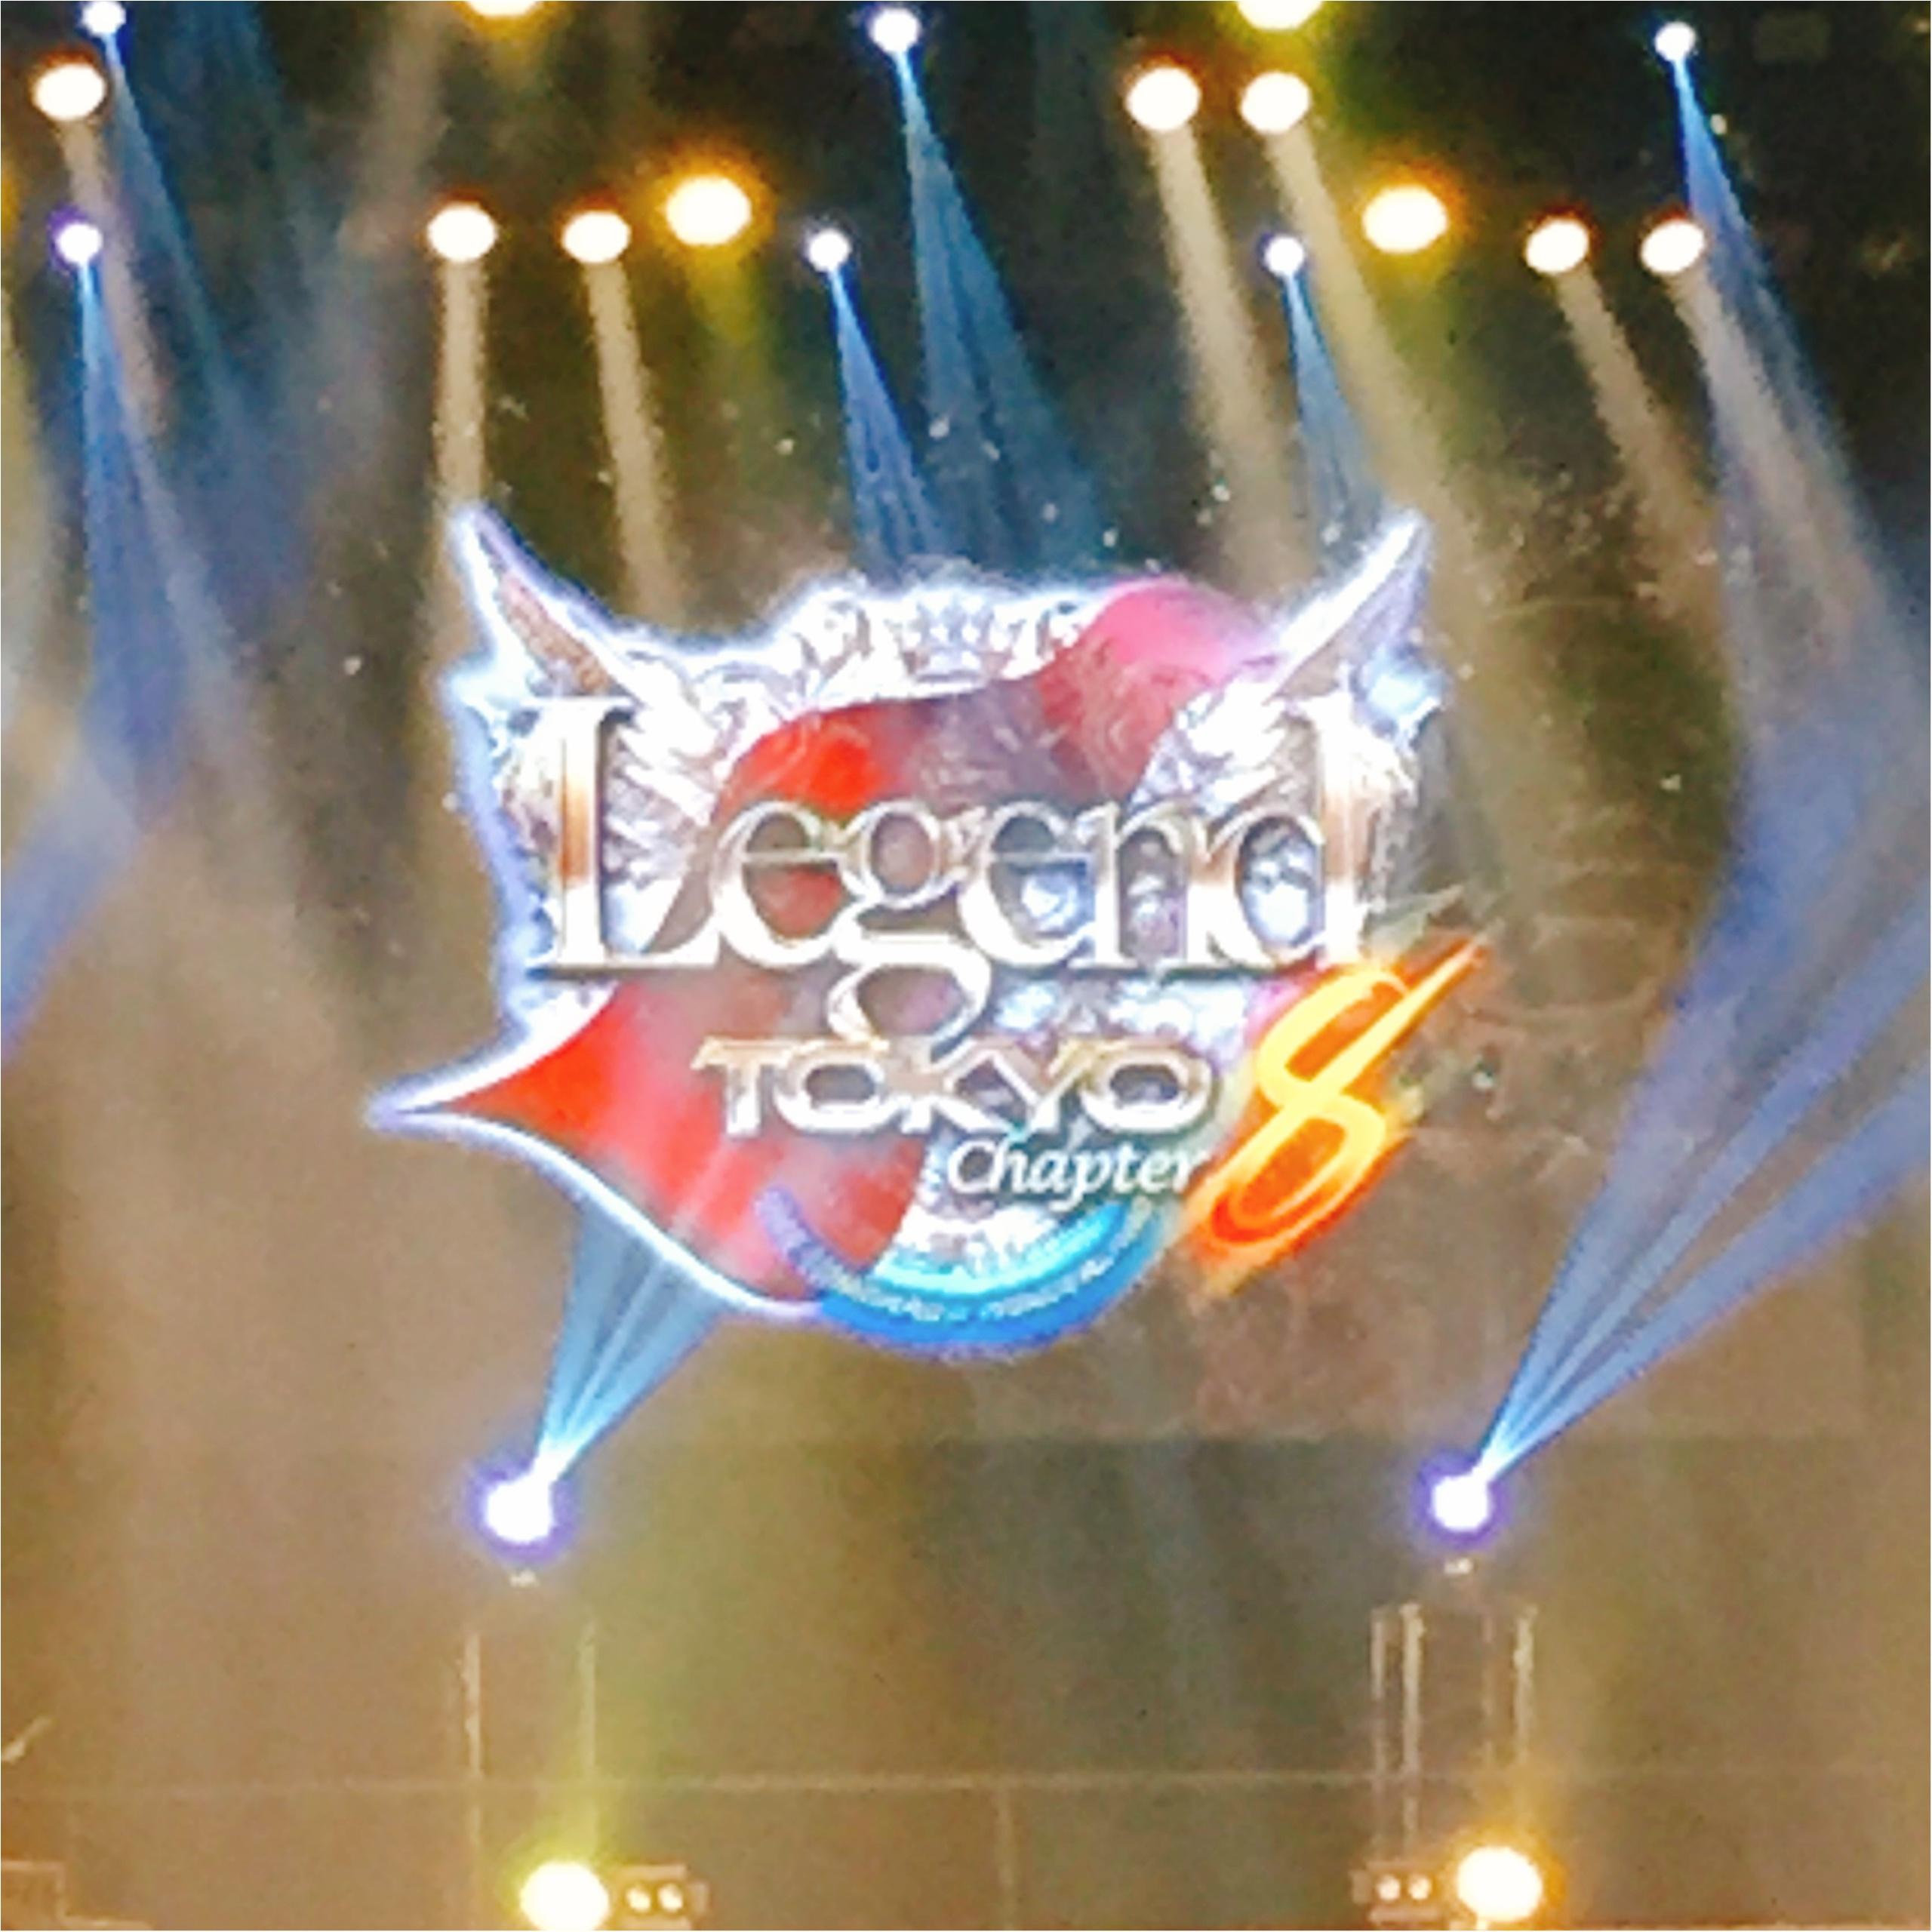 【審査結果一覧】Legend Tokyo終演!! 来年は大阪で新たなステージへ☆_9